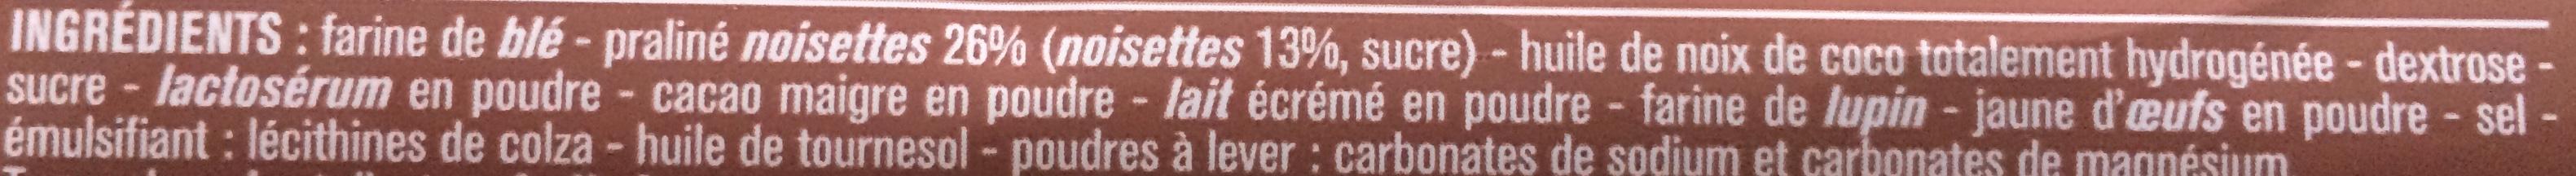 Gaufrettes Fourrées Praliné - Ingrediënten